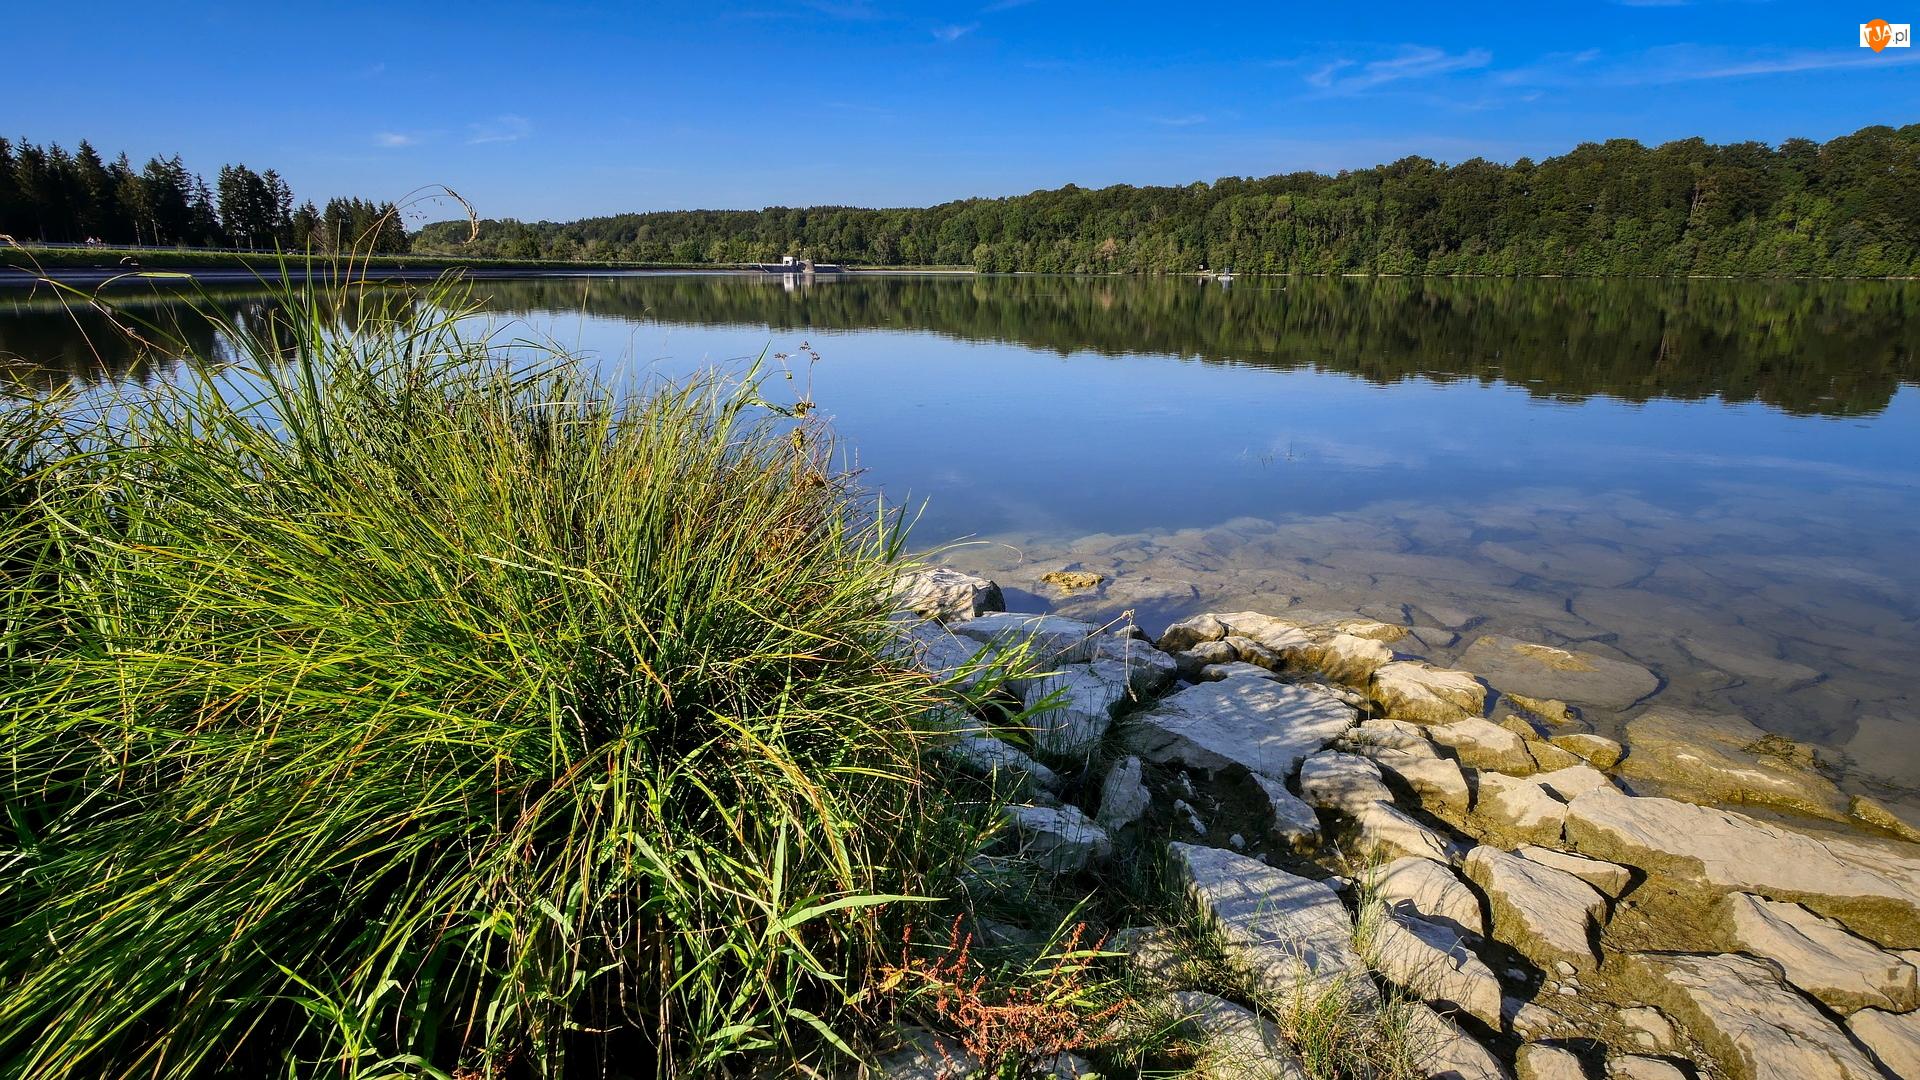 Jezioro, Zbiornik wodny, Kamienie, Zapora, Trawa, Las